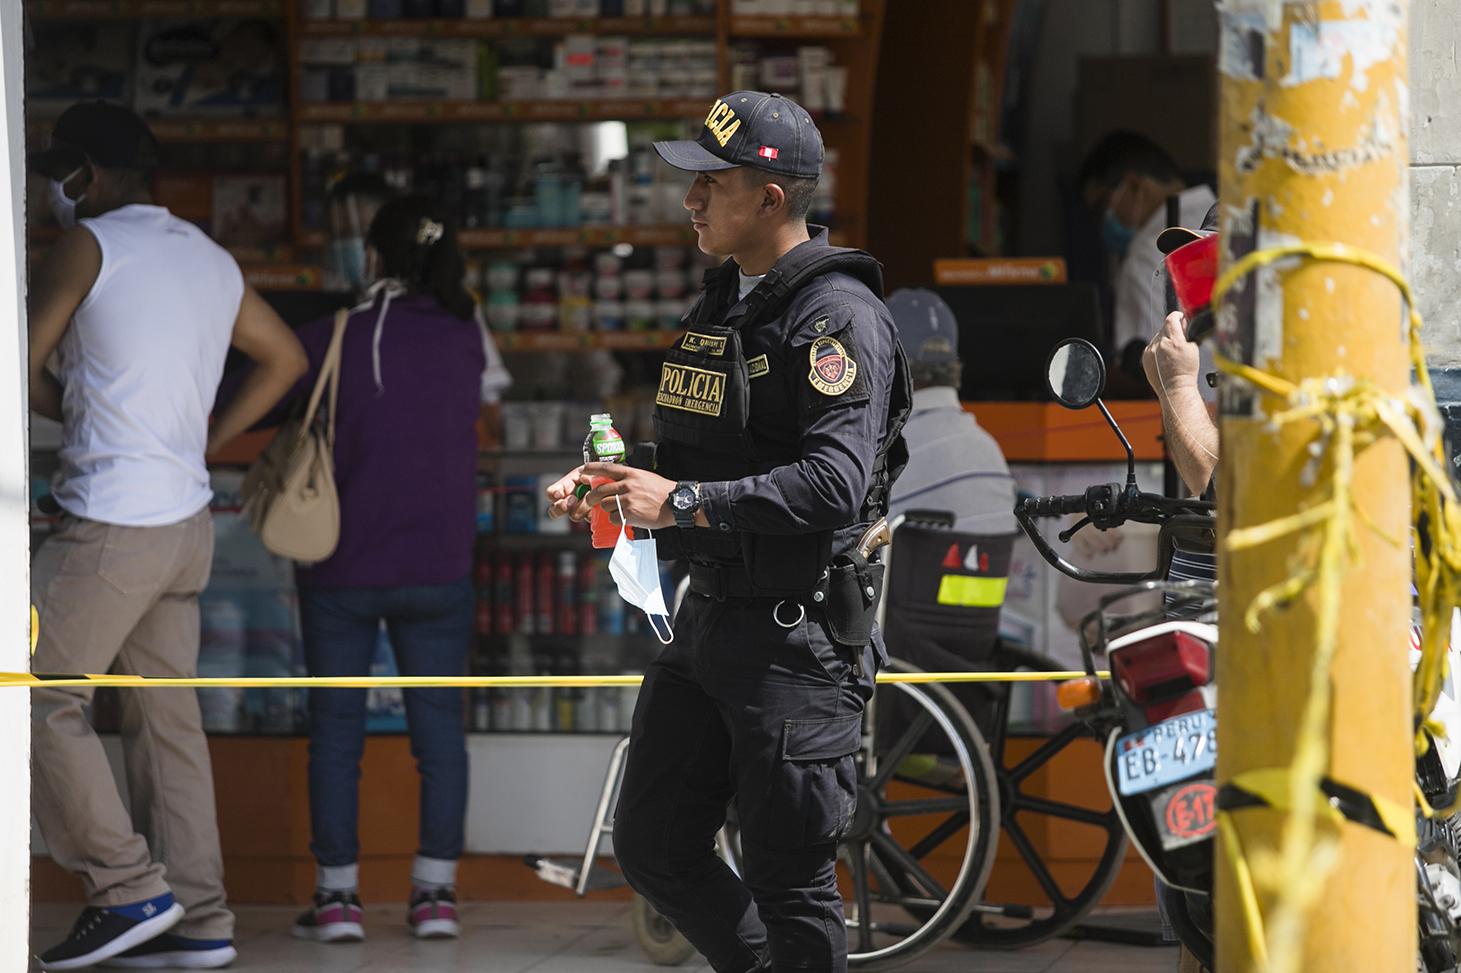 ¿Falta de información?, no es recomendable quitarse la mascarilla en la calle cerca a tantas personas en una avenida aglomerada como Balta donde la gente se acerca a ser pagos en los bancos. La cantidad de efectivos policiales y personal de las fuerzas armadas contagiadas ha incrementado en las últimas semanas.